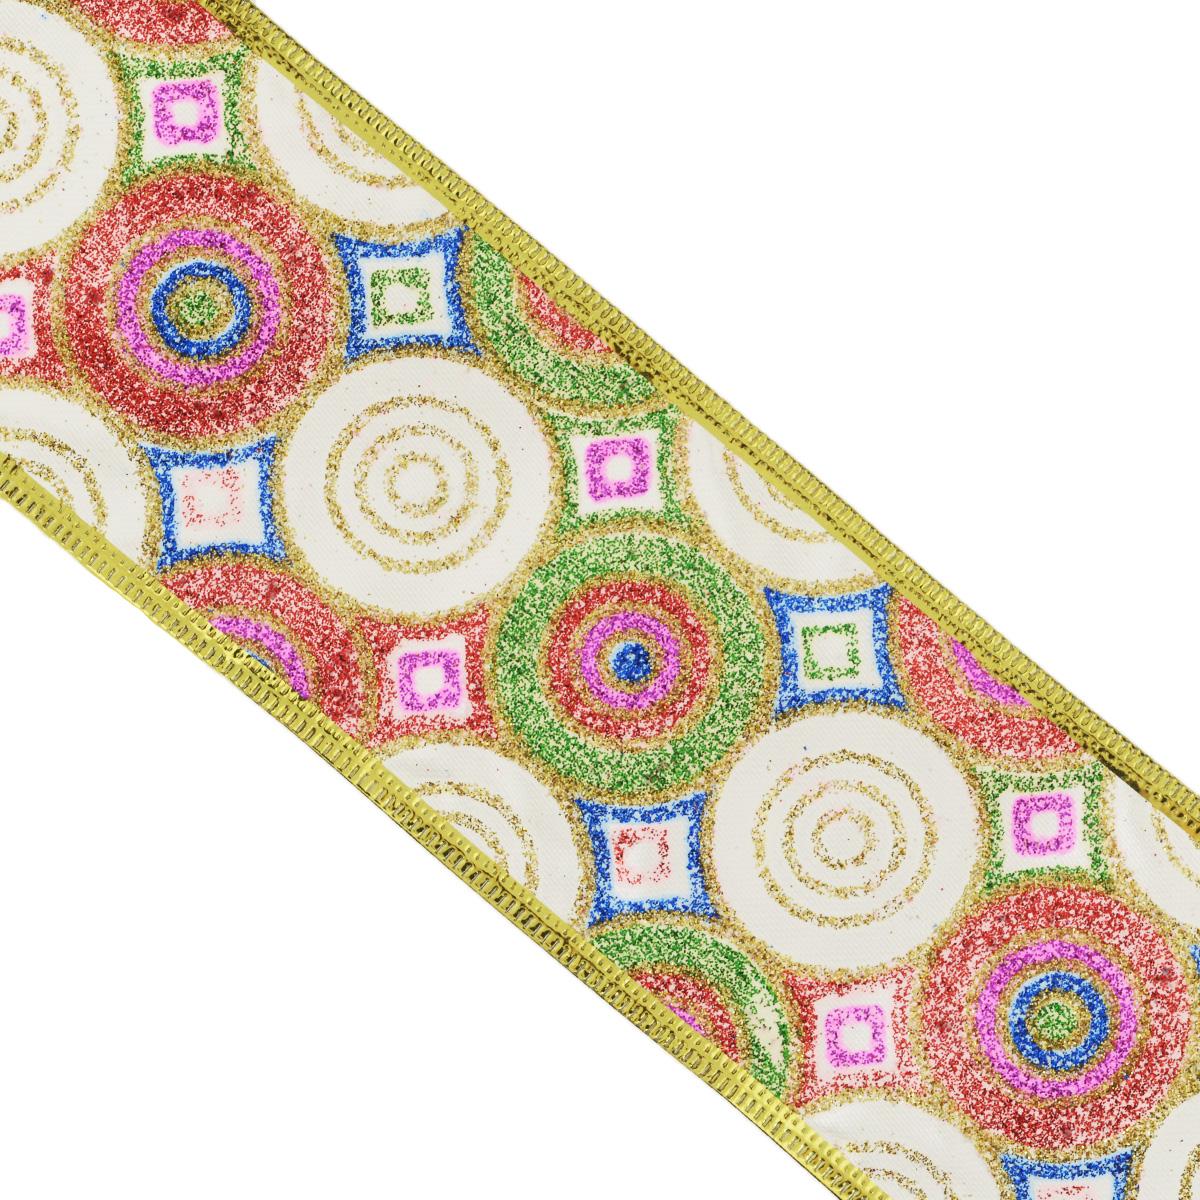 Декоративная лента Феникс-презент, 2,7 м. 3540935409Декоративная лента Феникс-презент выполнена из полиэстера и декорирована геометрическими узорами и блестками. В края ленты вставлена проволока, благодаря чему ее легко фиксировать. Лента предназначена для оформления подарочных коробок, пакетов. Кроме того, декоративная лента с успехом применяется для художественного оформления витрин, праздничного оформления помещений, изготовления искусственных цветов. Декоративная лента украсит интерьер вашего дома к любым праздникам. Ширина ленты: 6,3 см.